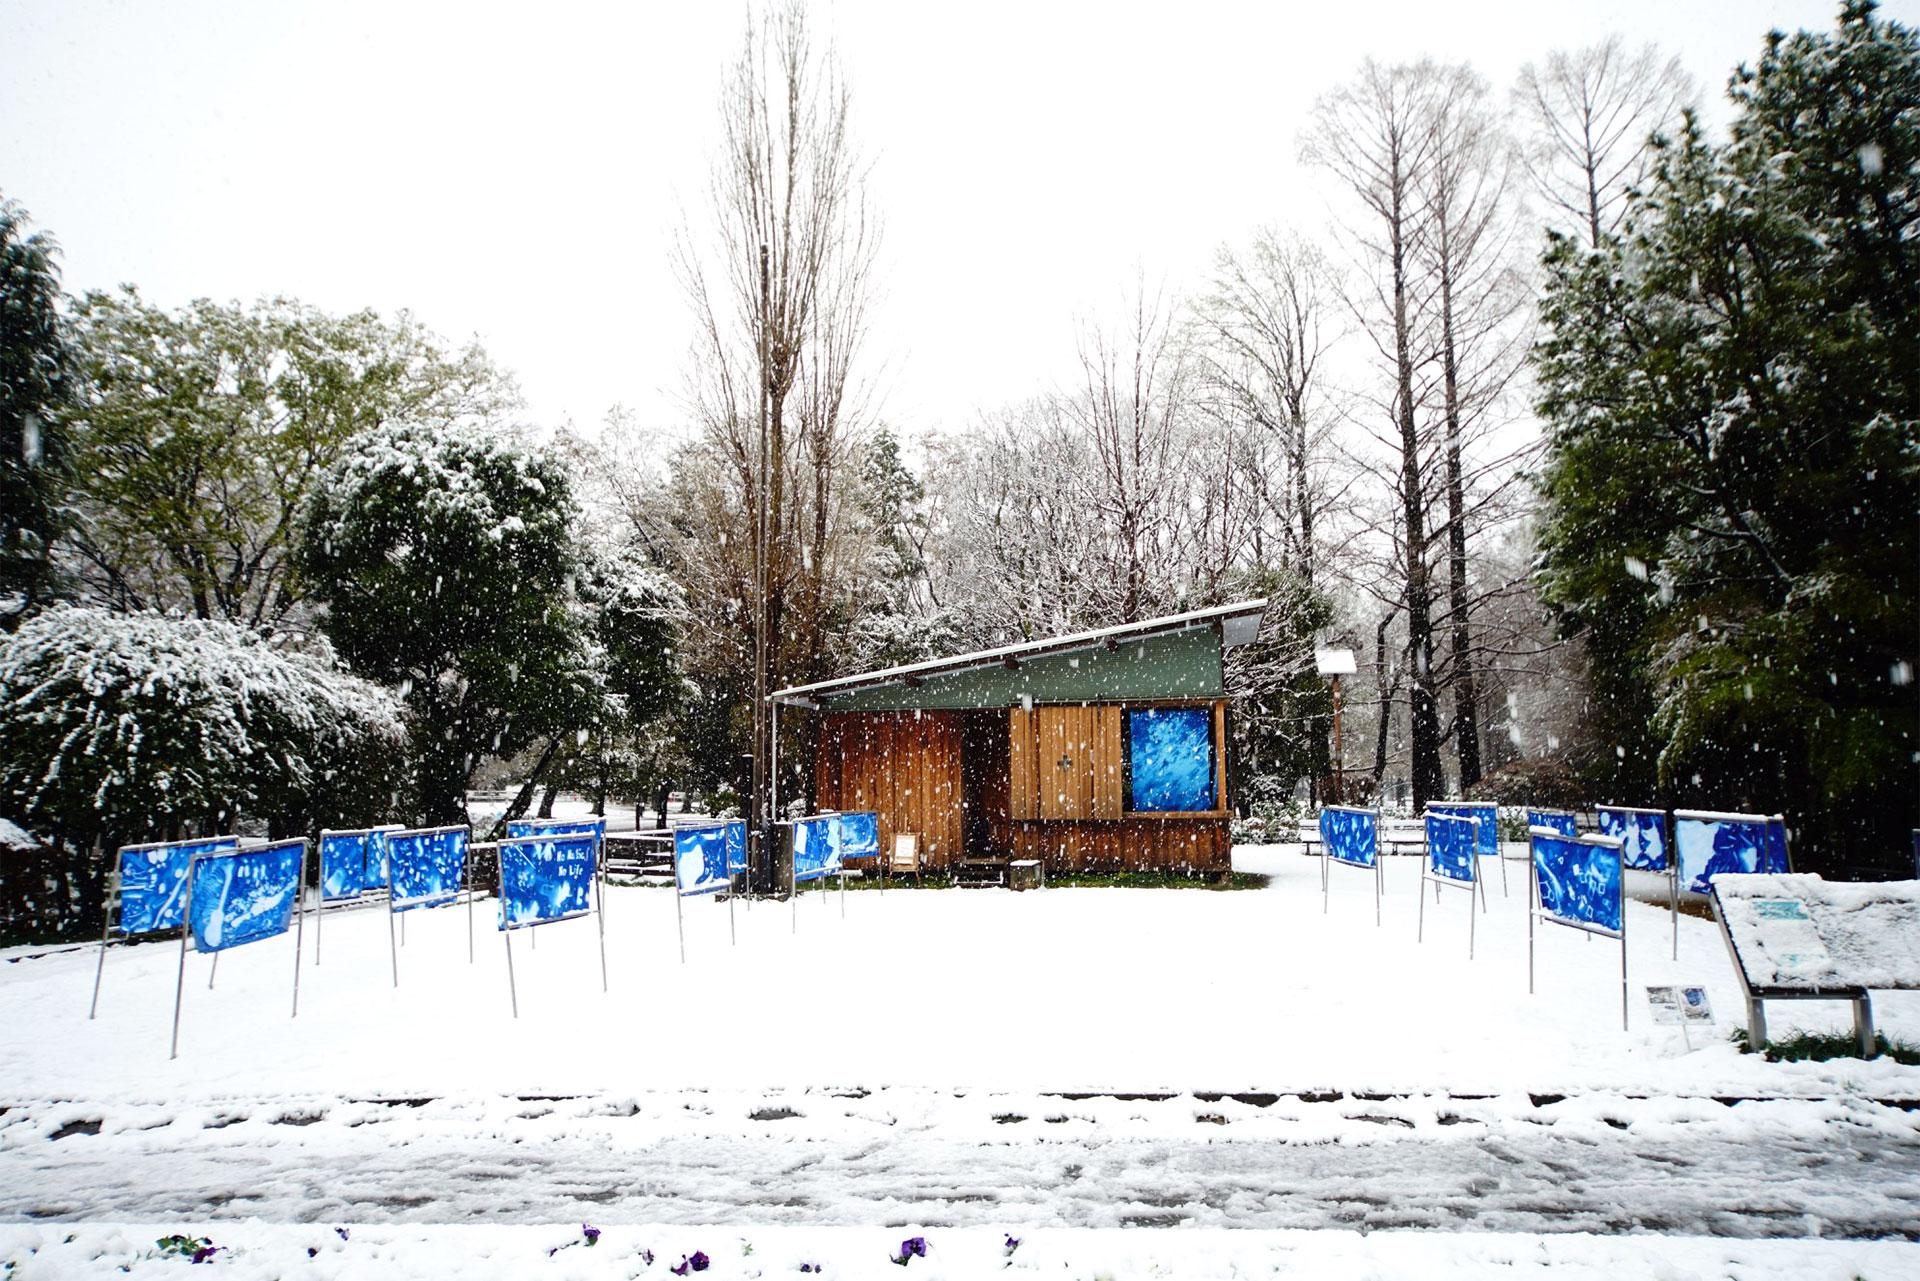 3/29には季節外れの雪がふり、幻想的な雰囲気となった